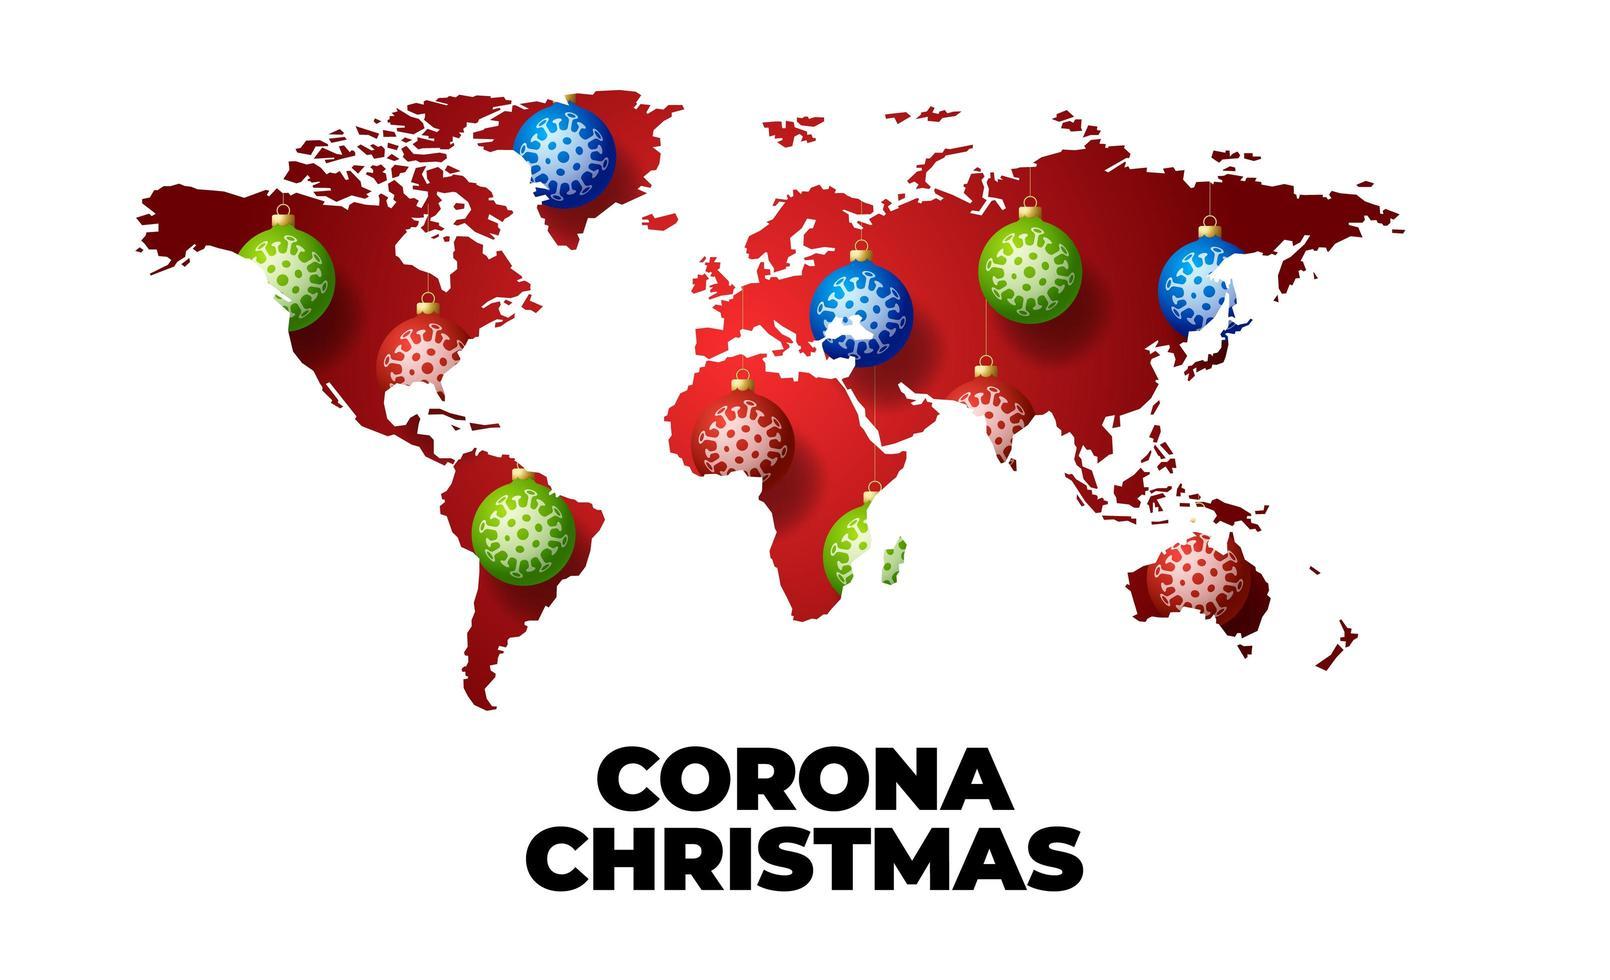 kerst covid wereldkaart met balversieringen vector